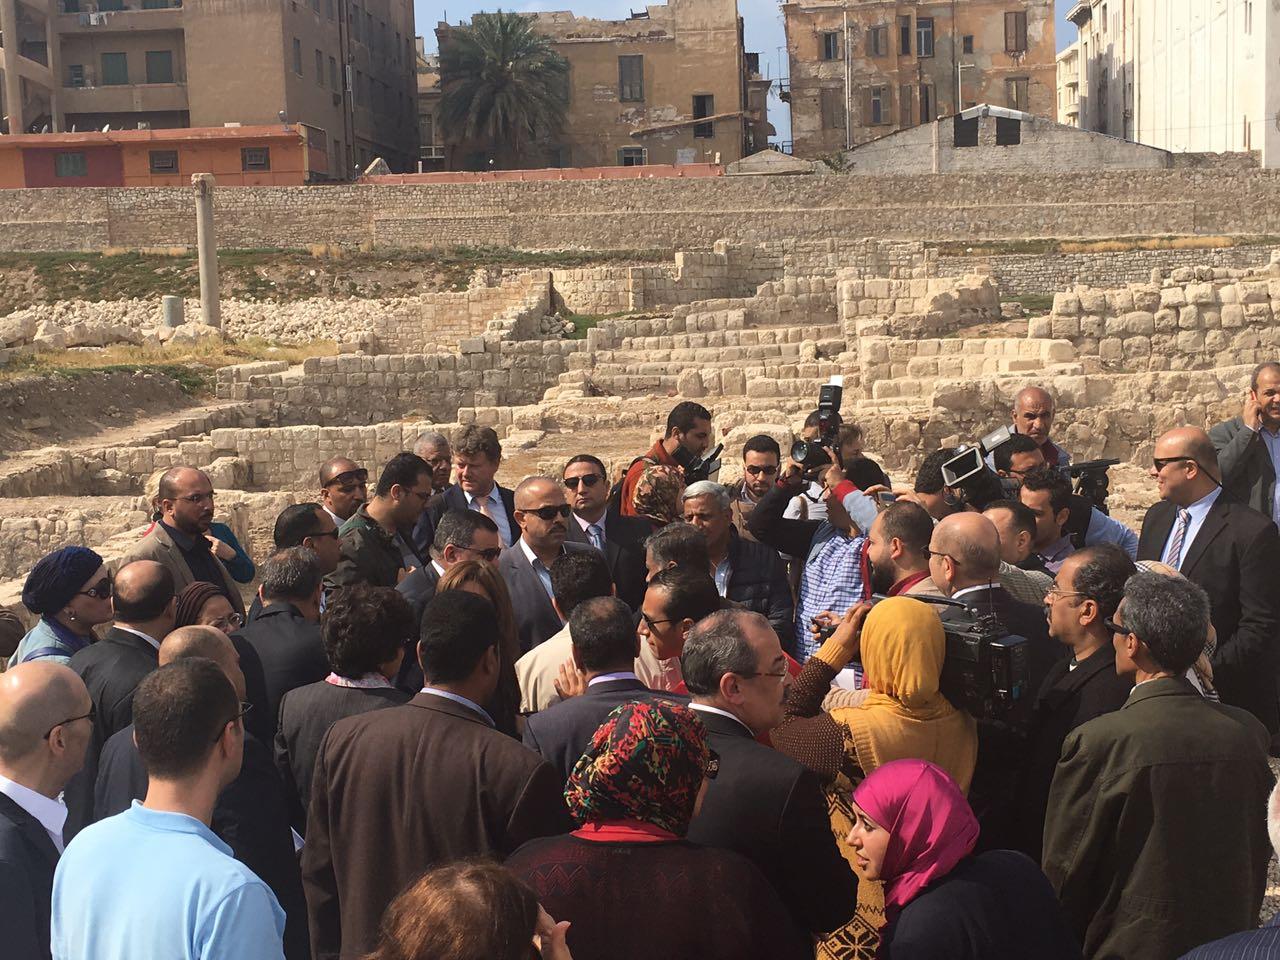 وفدا البرلمان ووزير الاثار ومحافظ الاسكندرية يشهدوا تطوير منطقة كوم الدكة